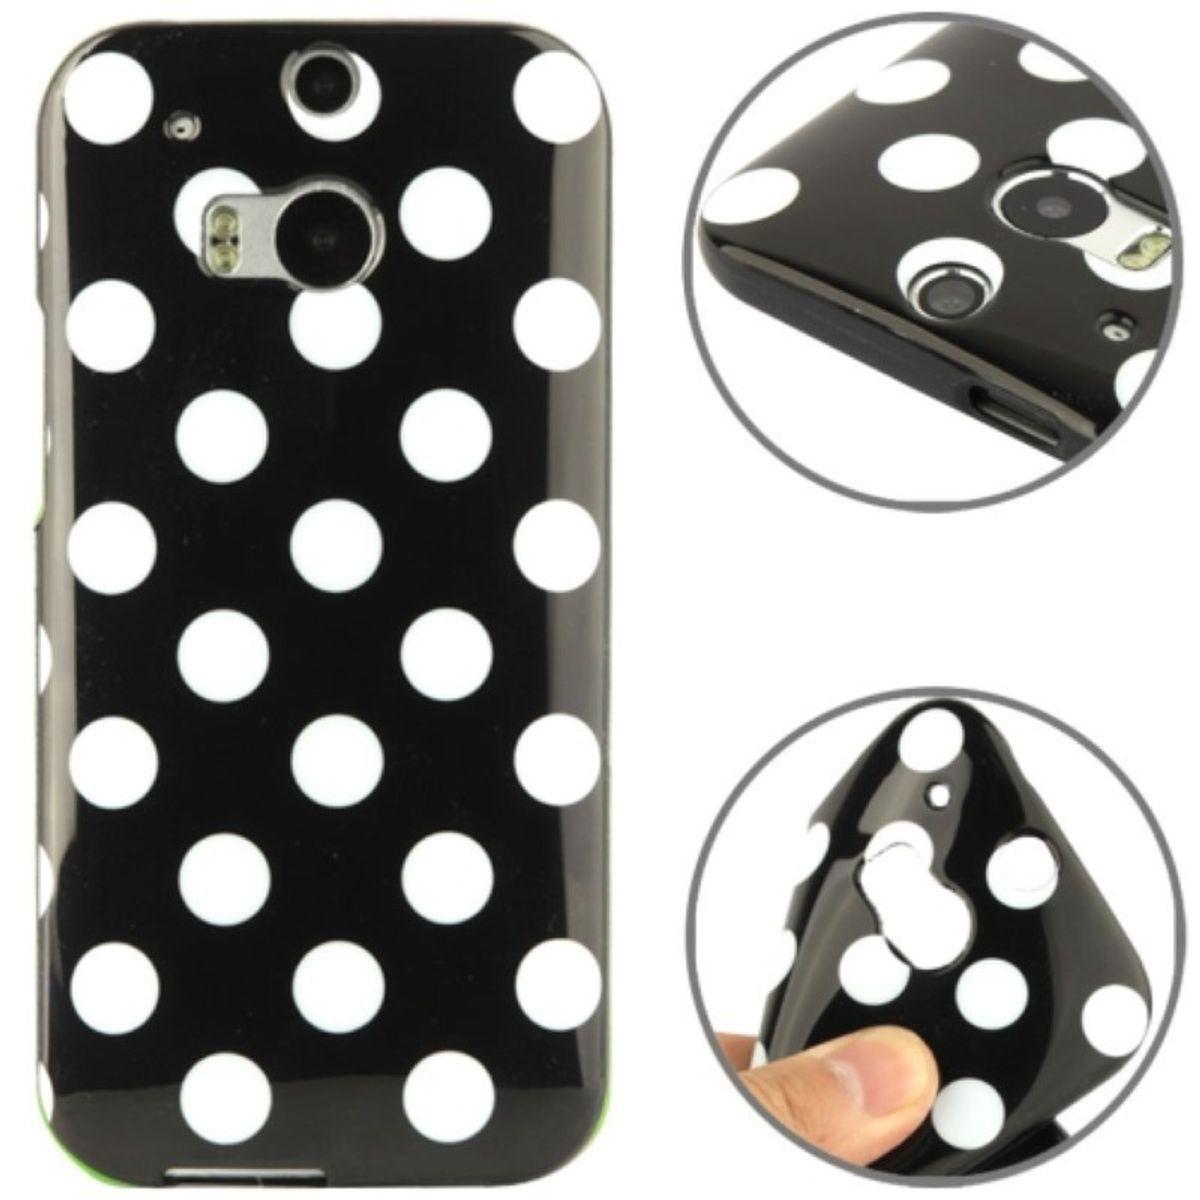 Schutzhülle TPU Case für Handy HTC One M8 / M8s Schwarz